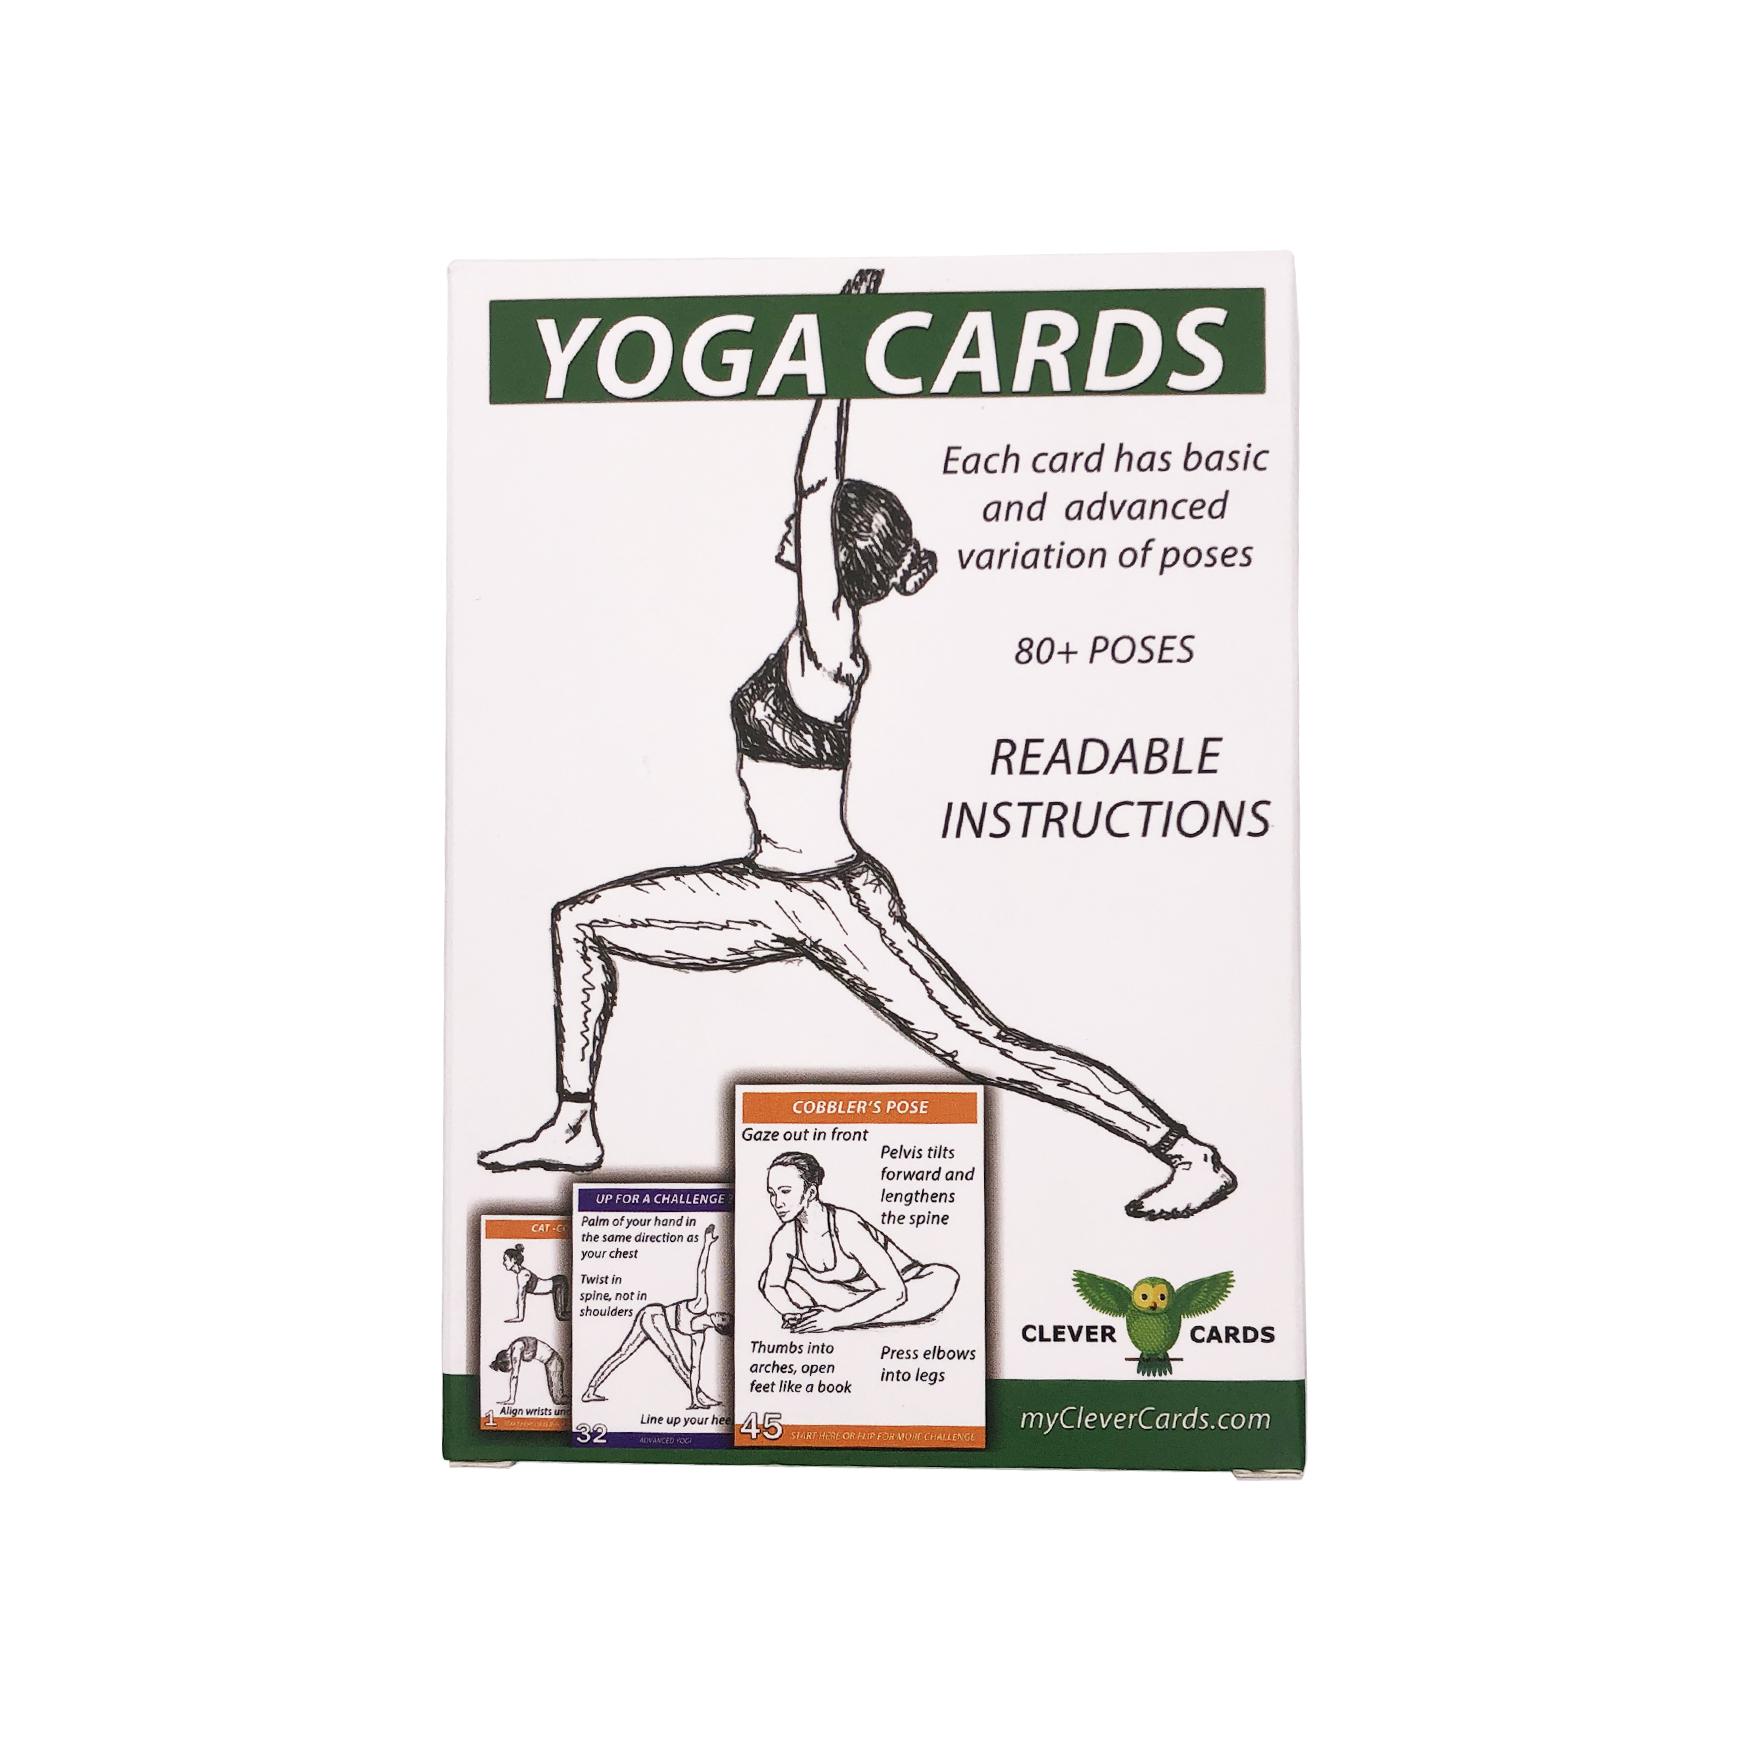 بطاقات يوجا بلاستيكية مطبوعة مخصصة للمبتدئين أو المتقدمة يوغي